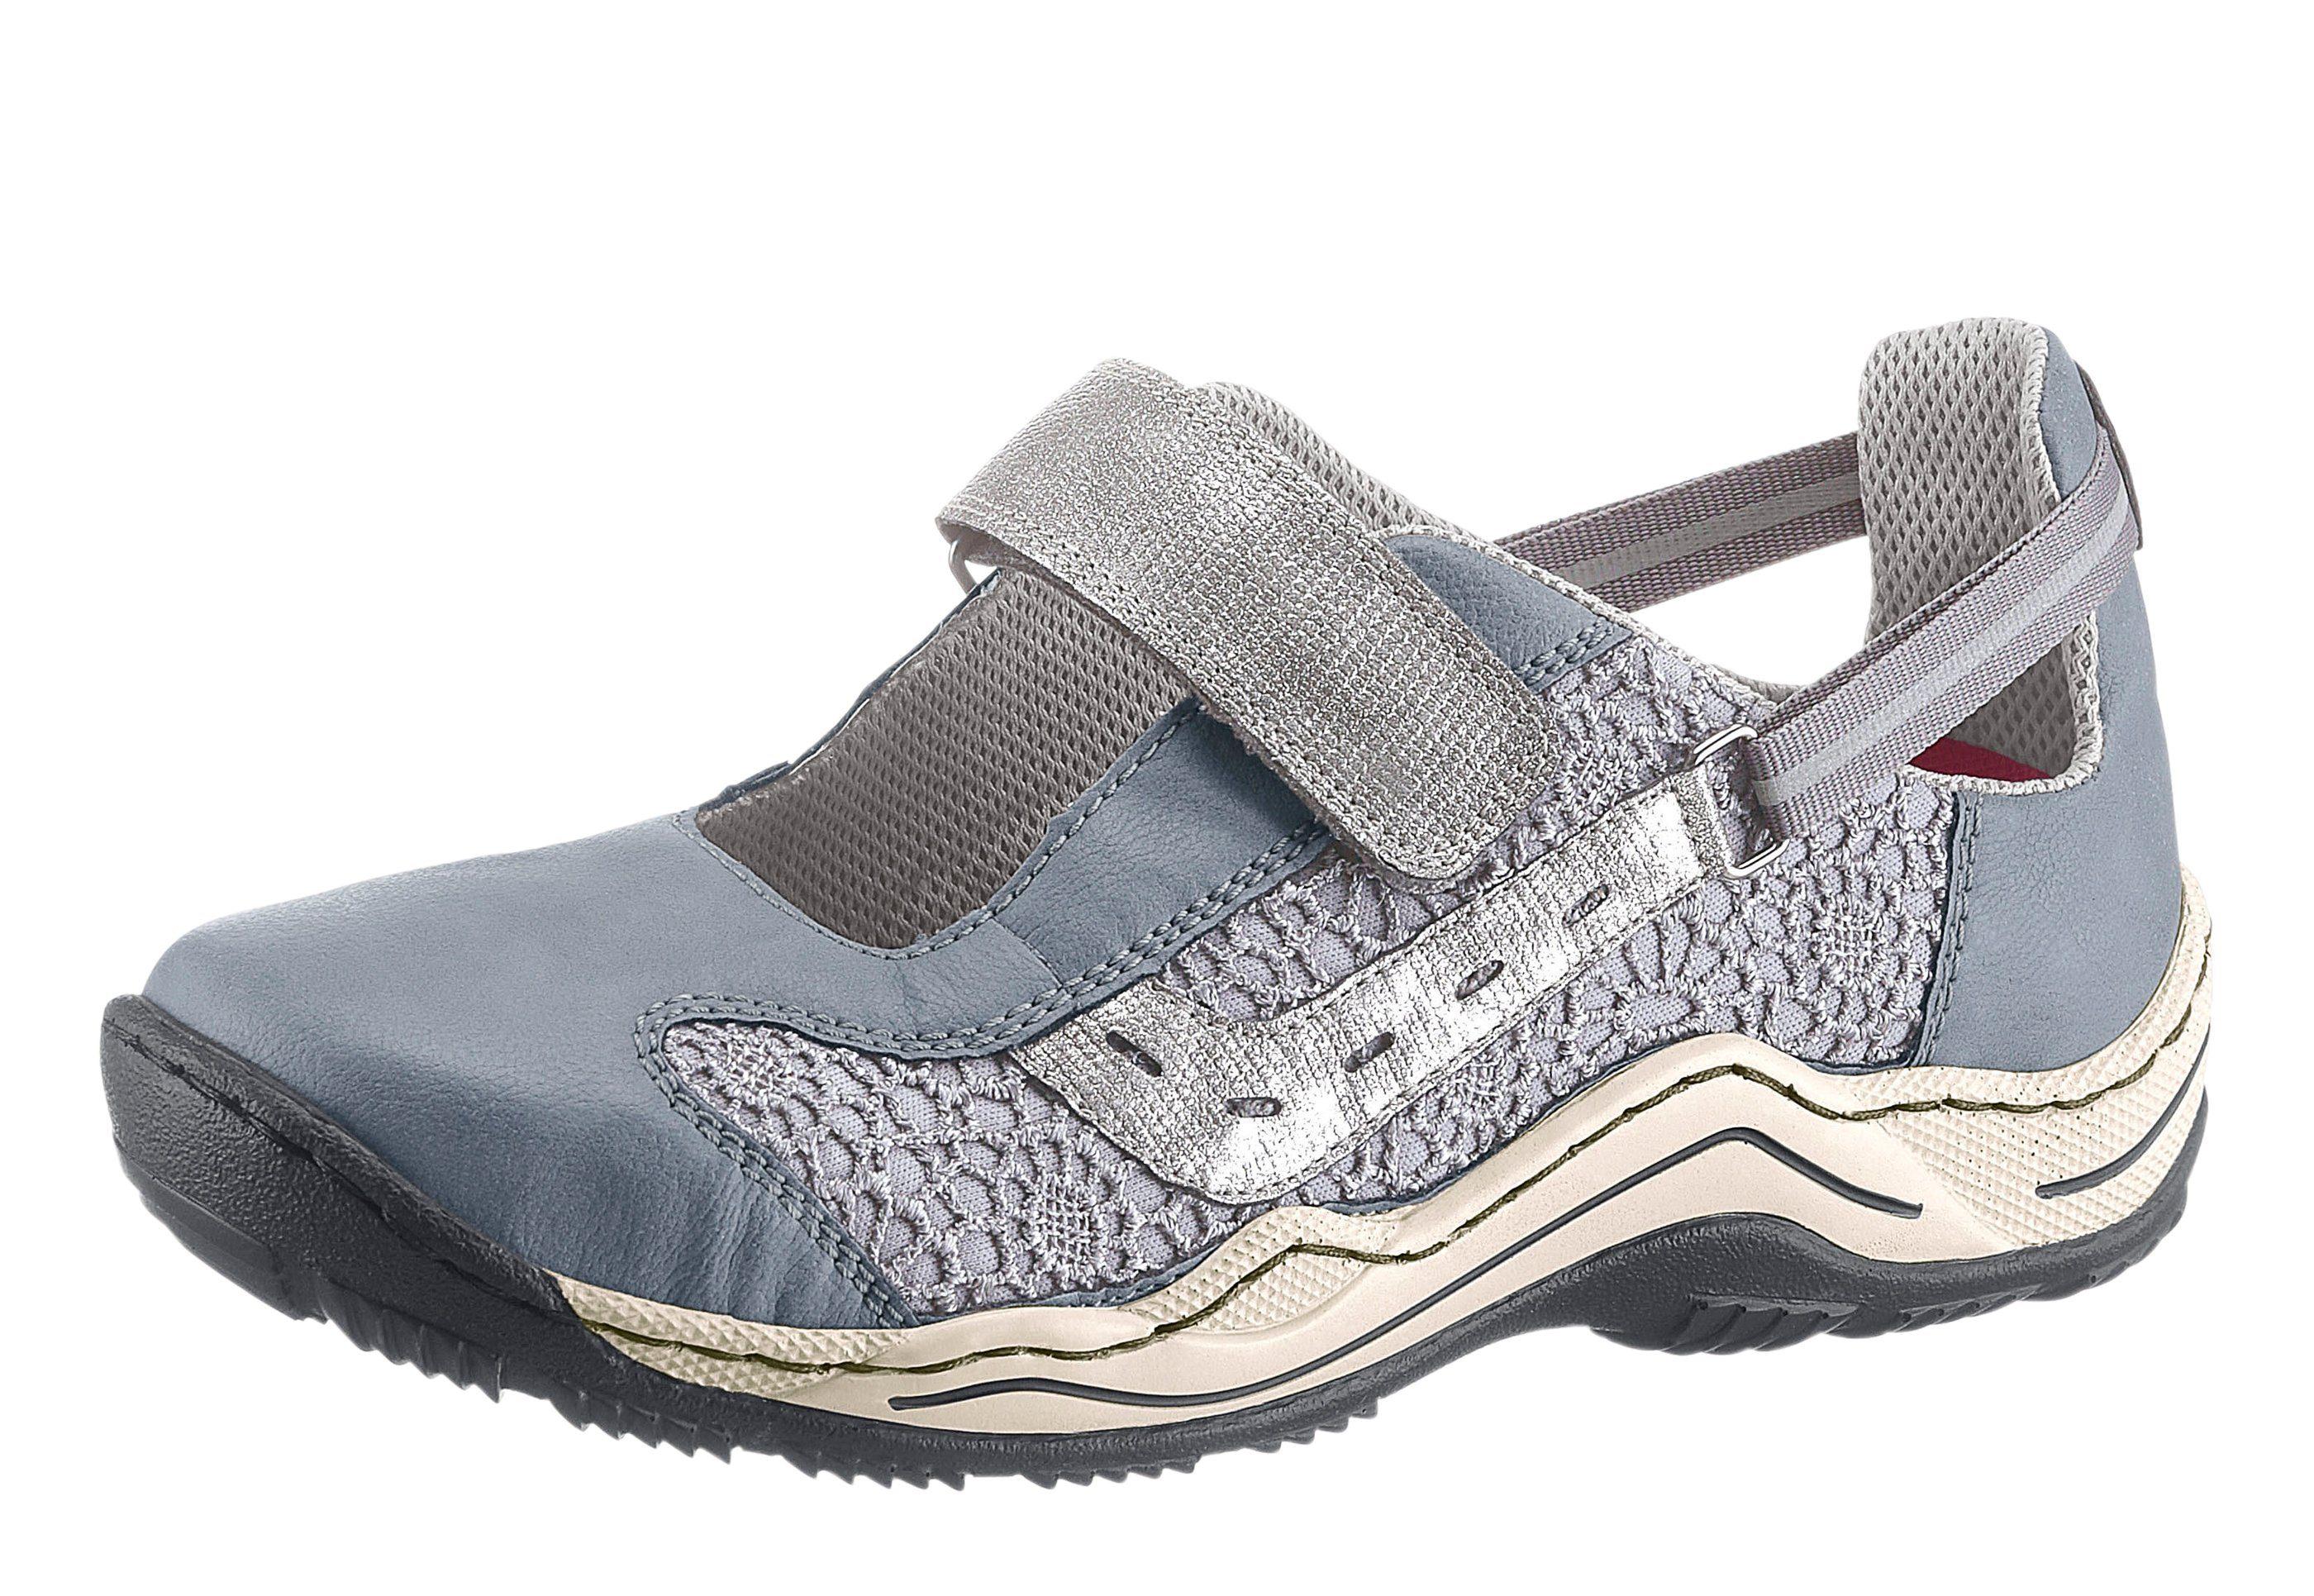 Rieker Klettschuh mit rutschhemmender PU-Laufsohle  jeansblau